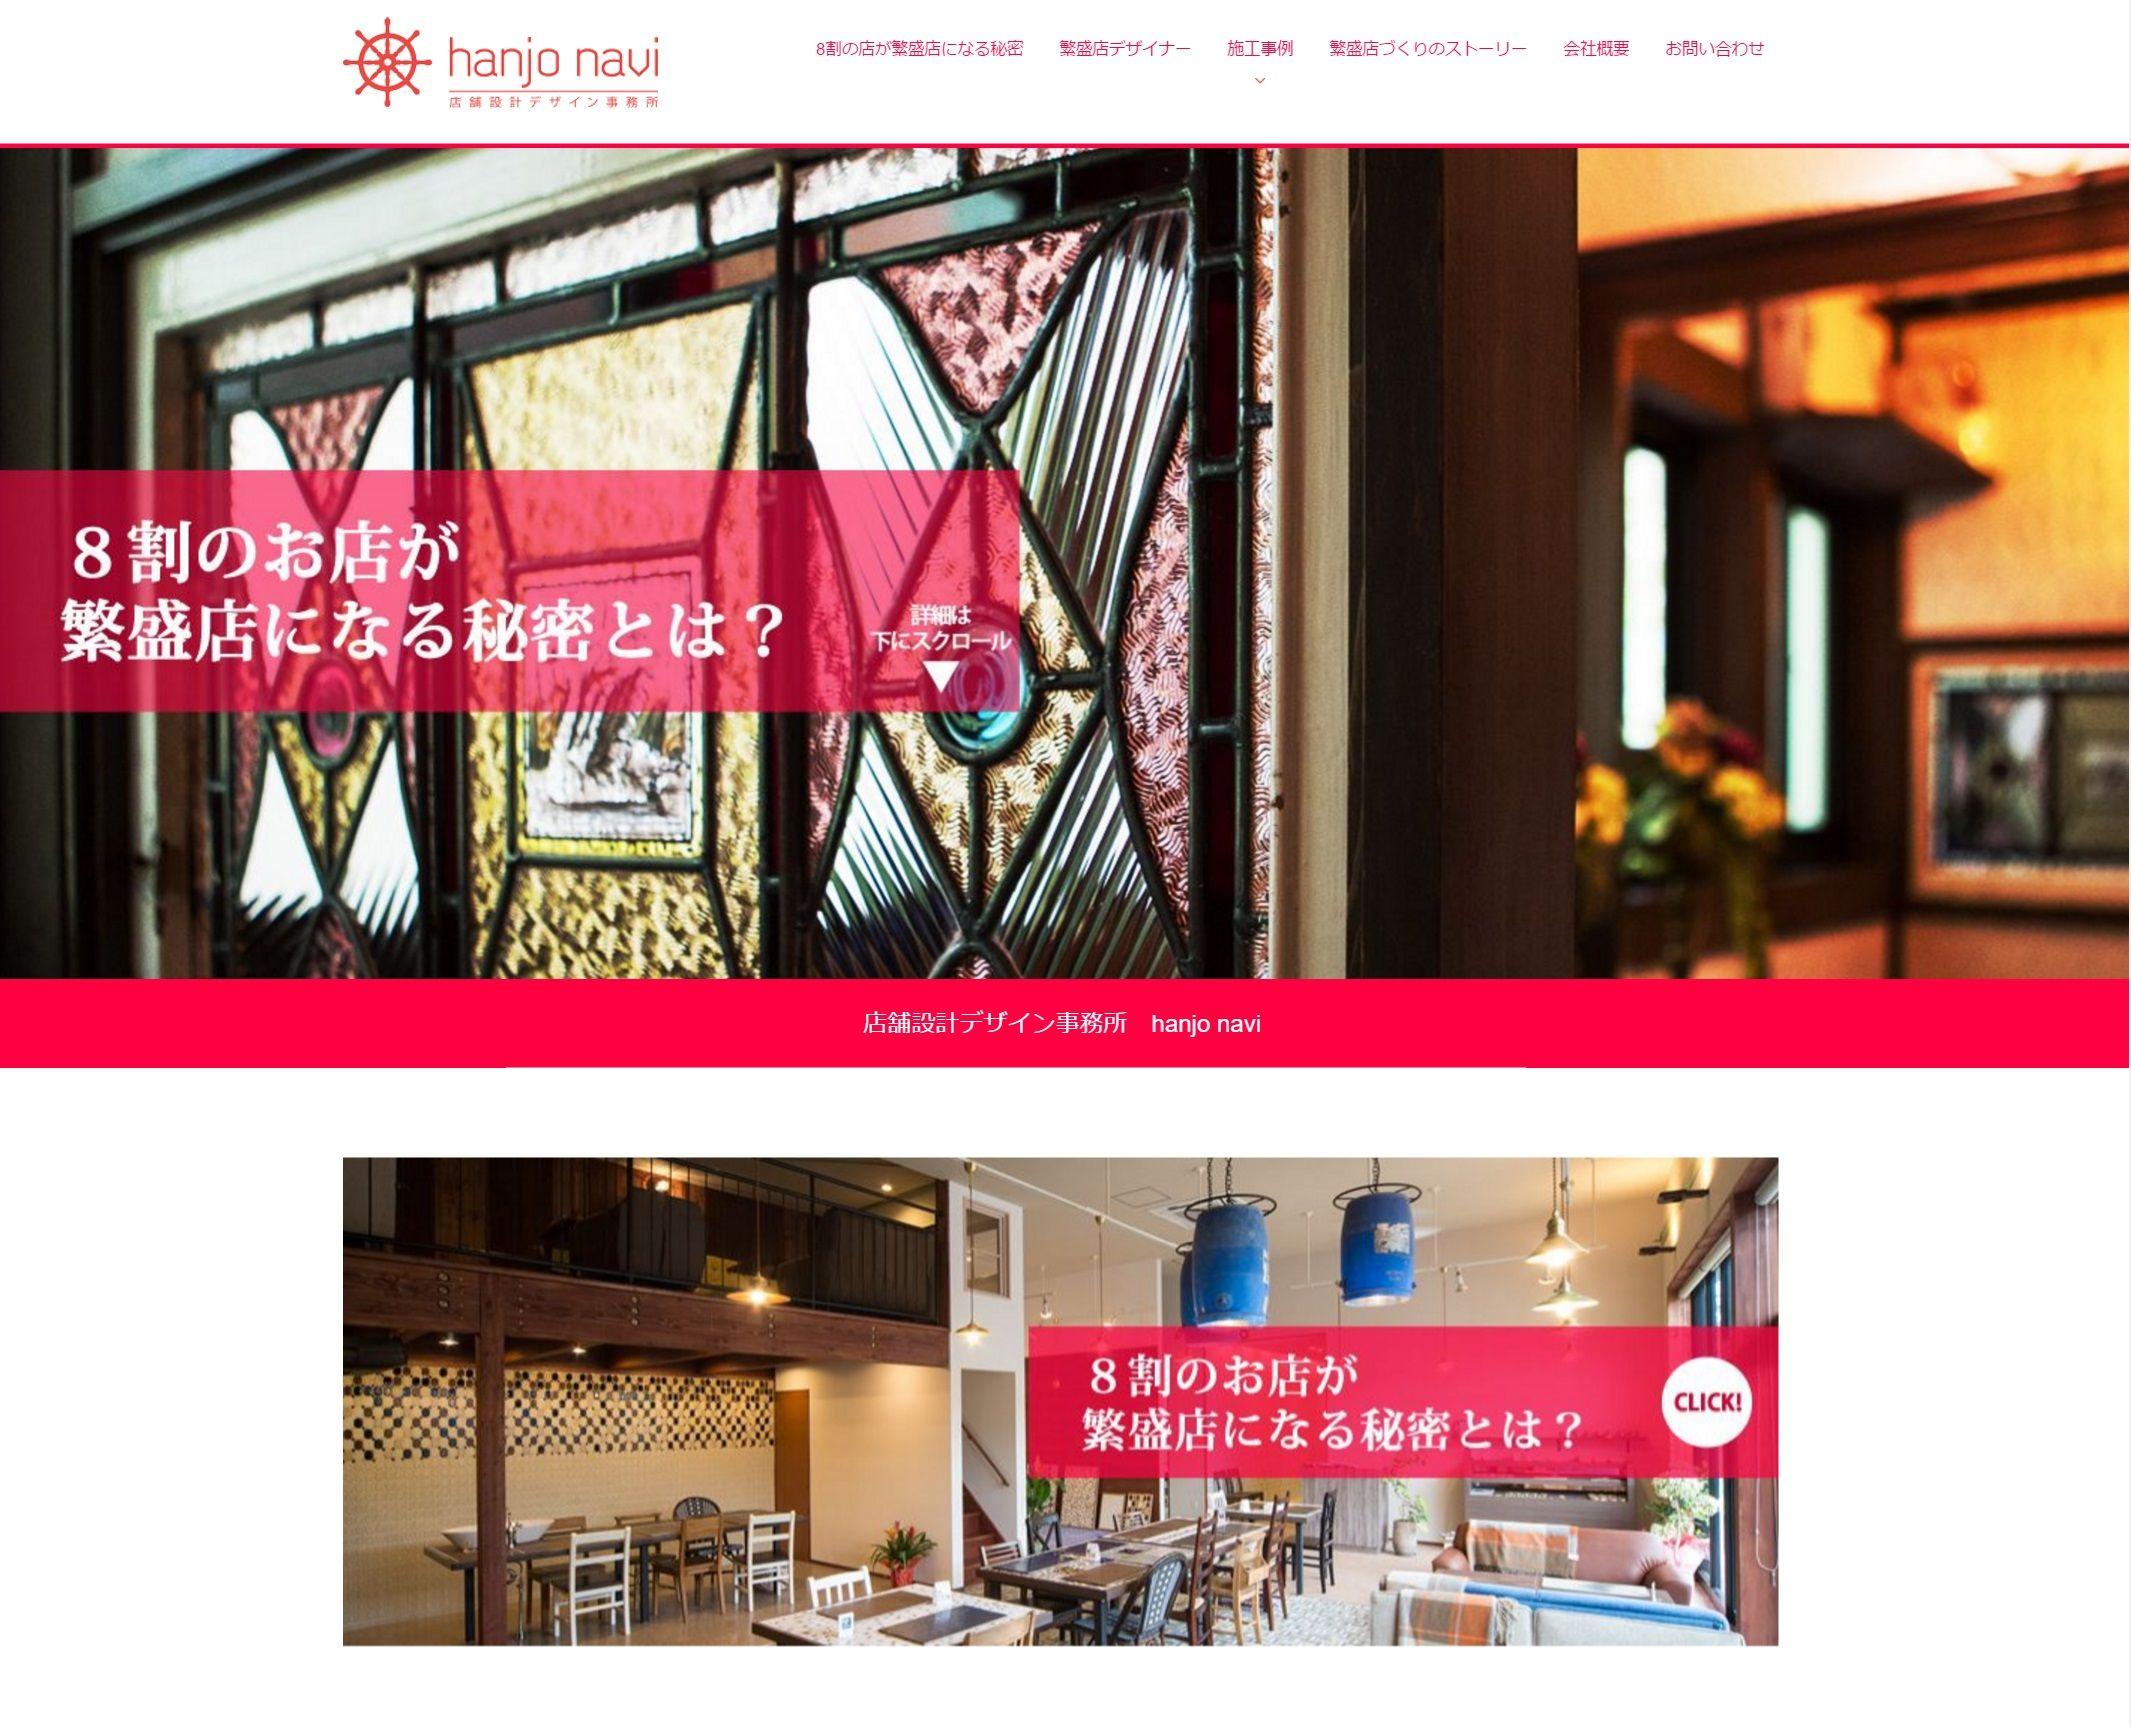 店舗デザインに特化した新サービス【hanjo navi】ウェブサイトを公開しました。